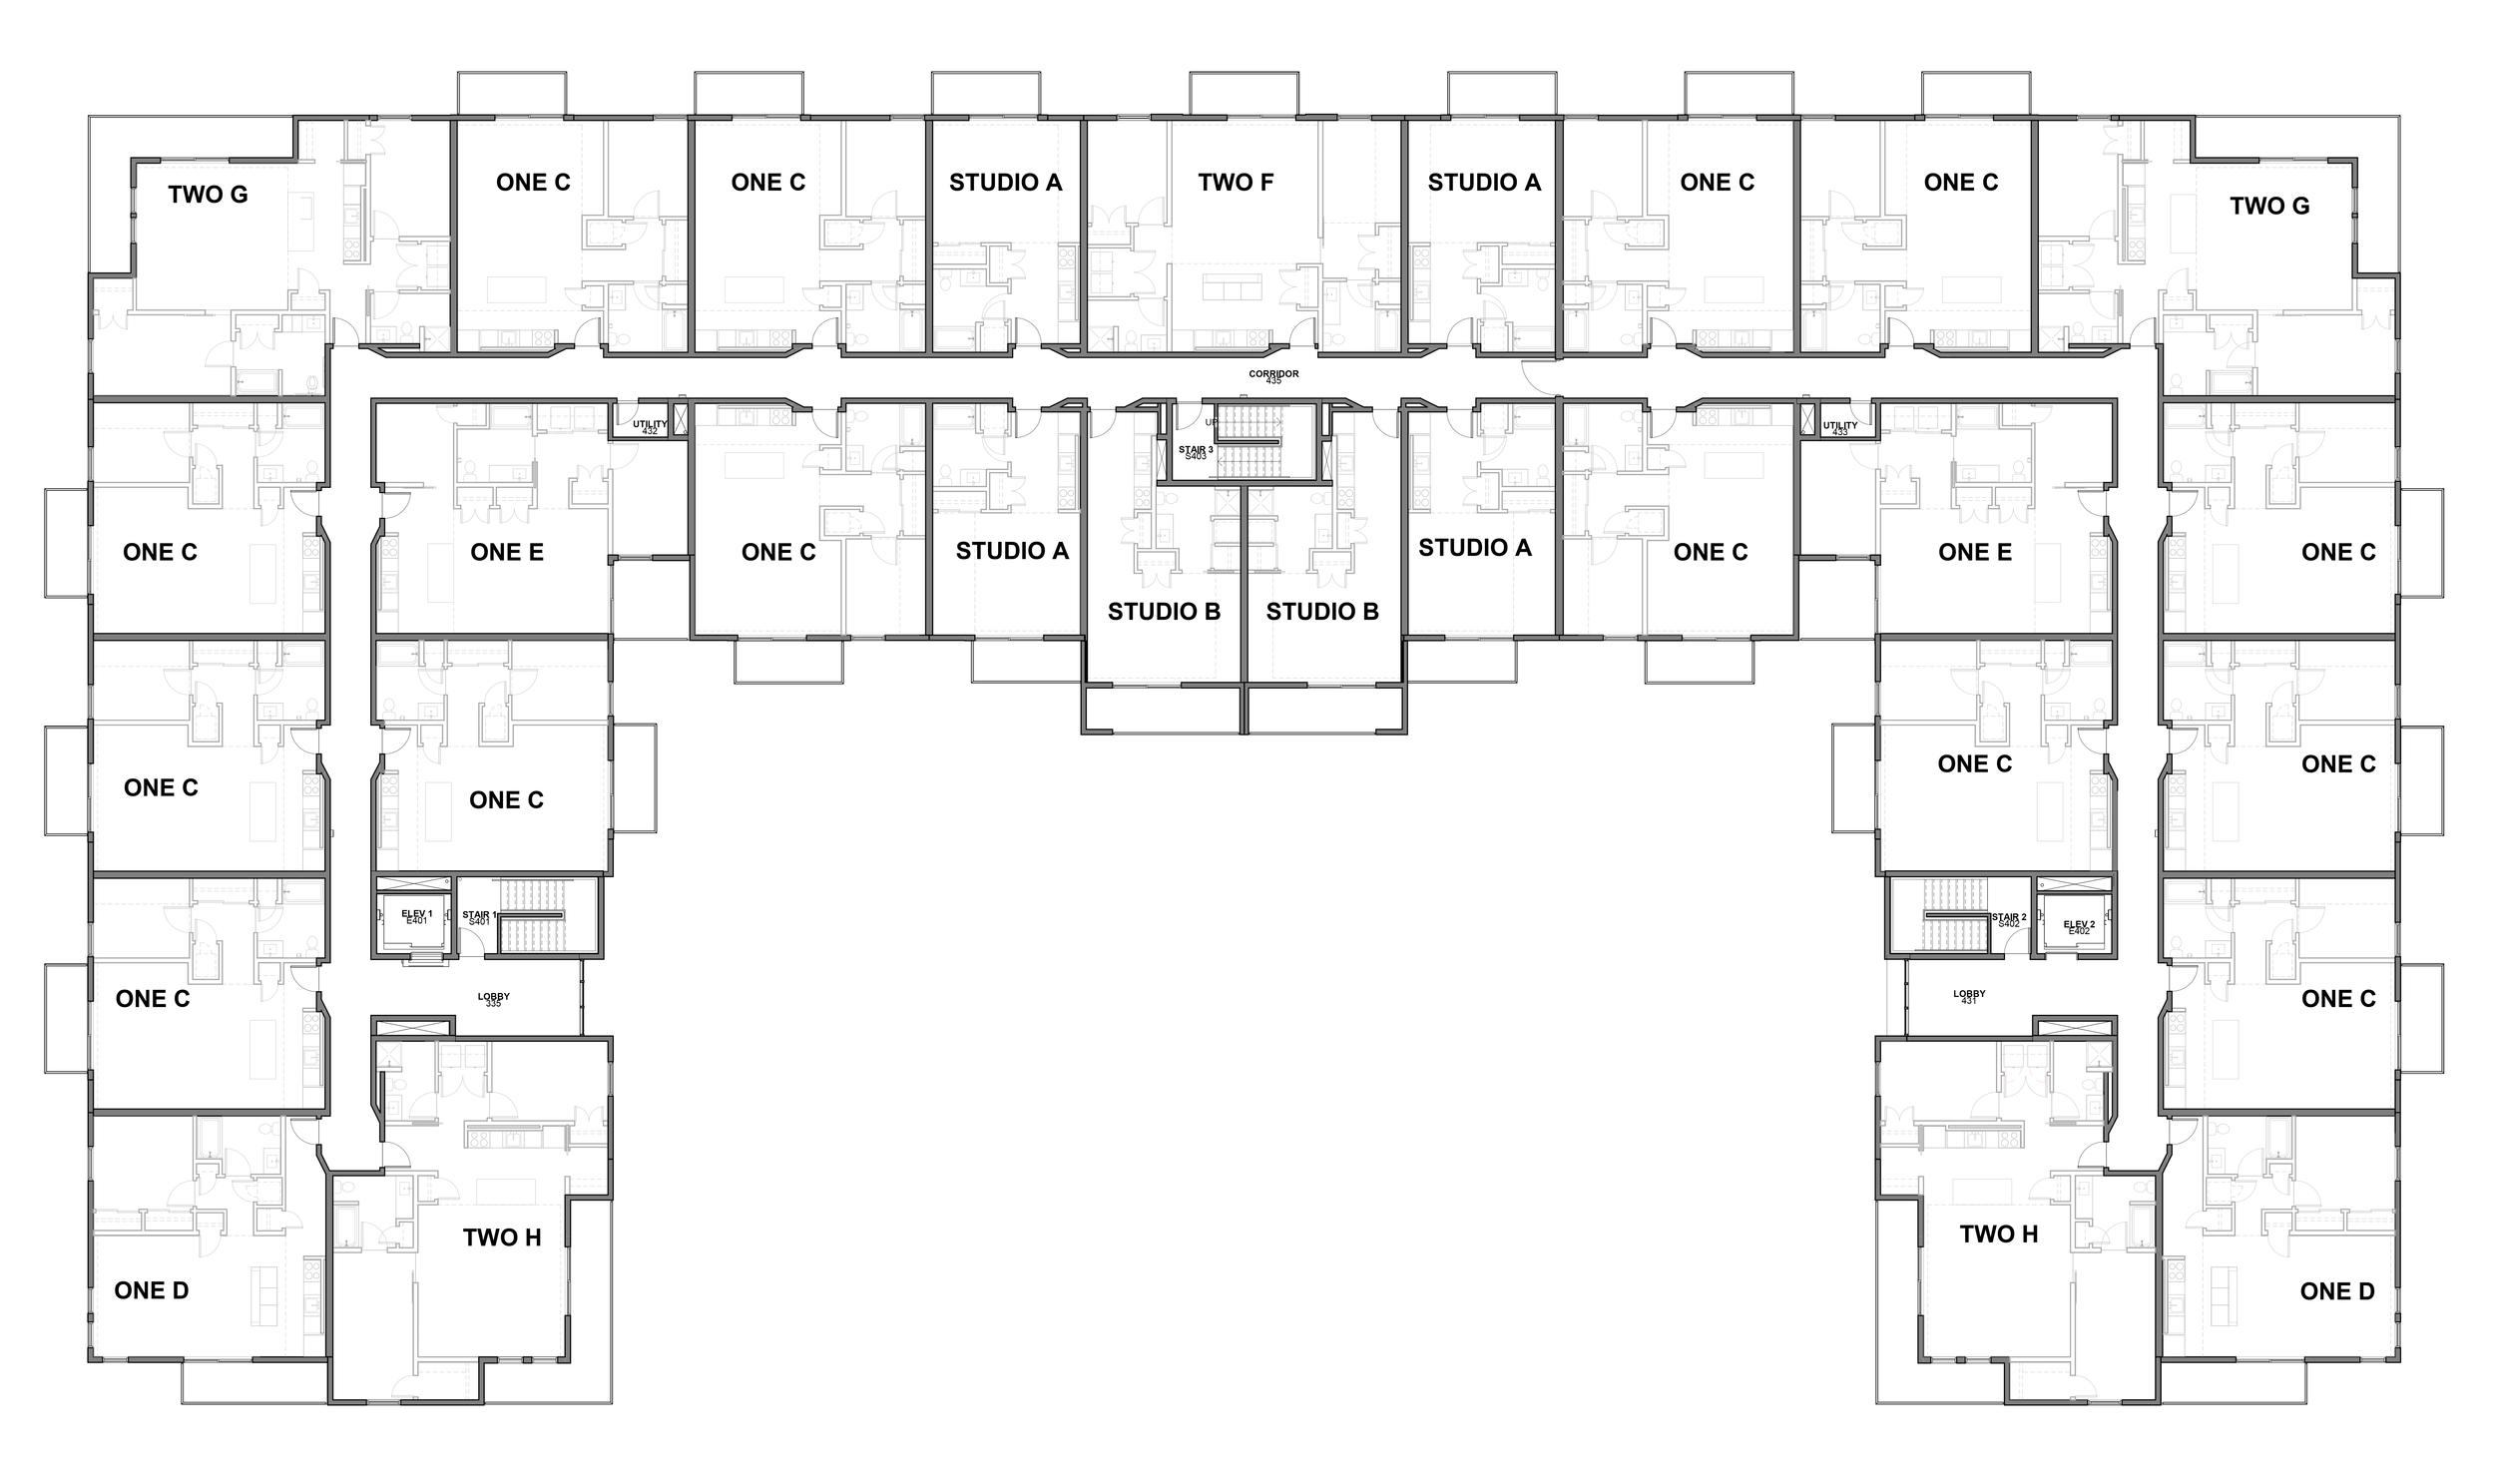 3rd floor -